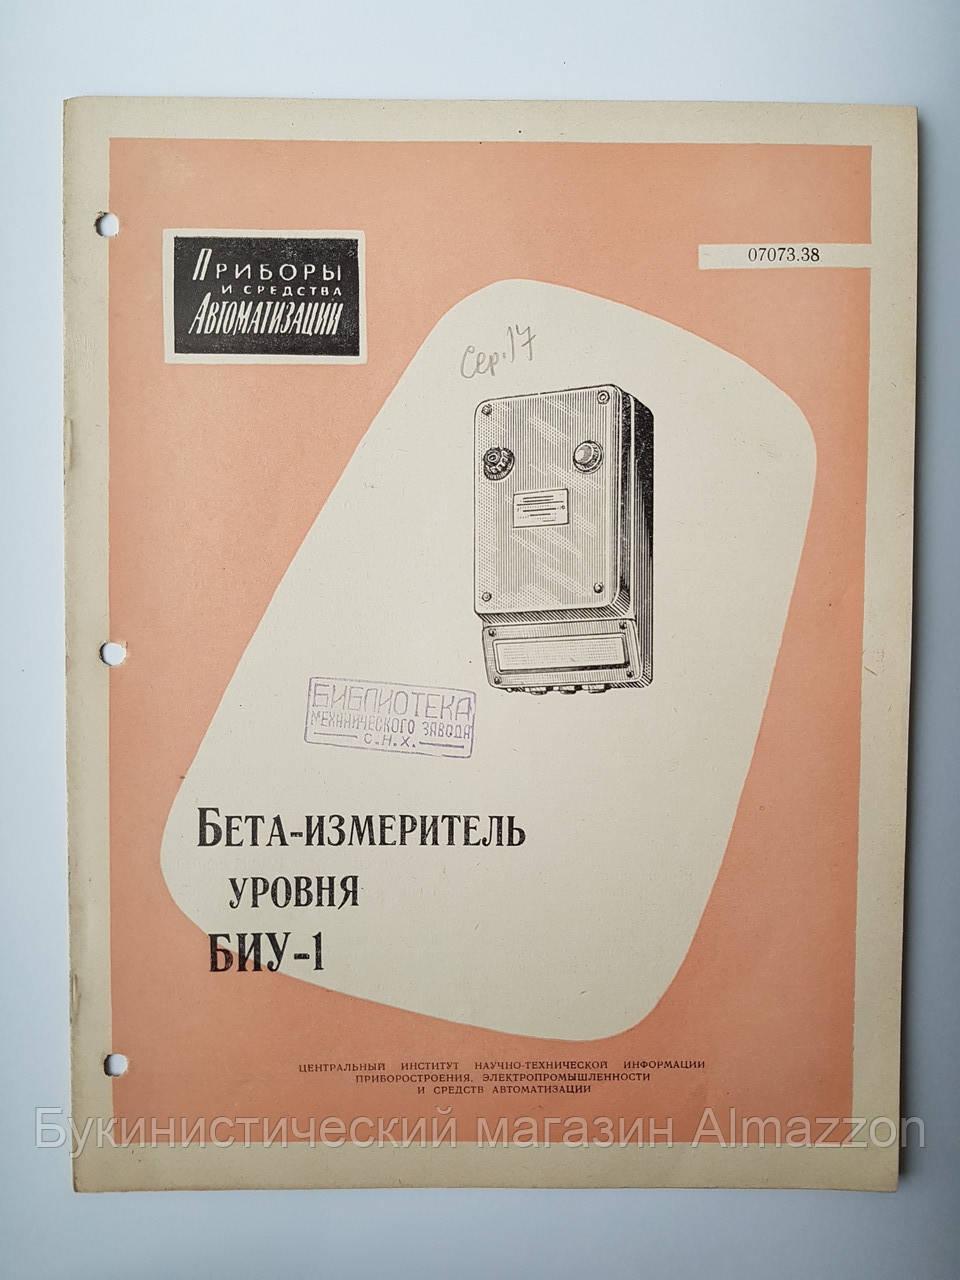 """Журнал (Бюллетень) """"Бета-измеритель уровня БИУ-1  07073.38 """" 1962 г."""